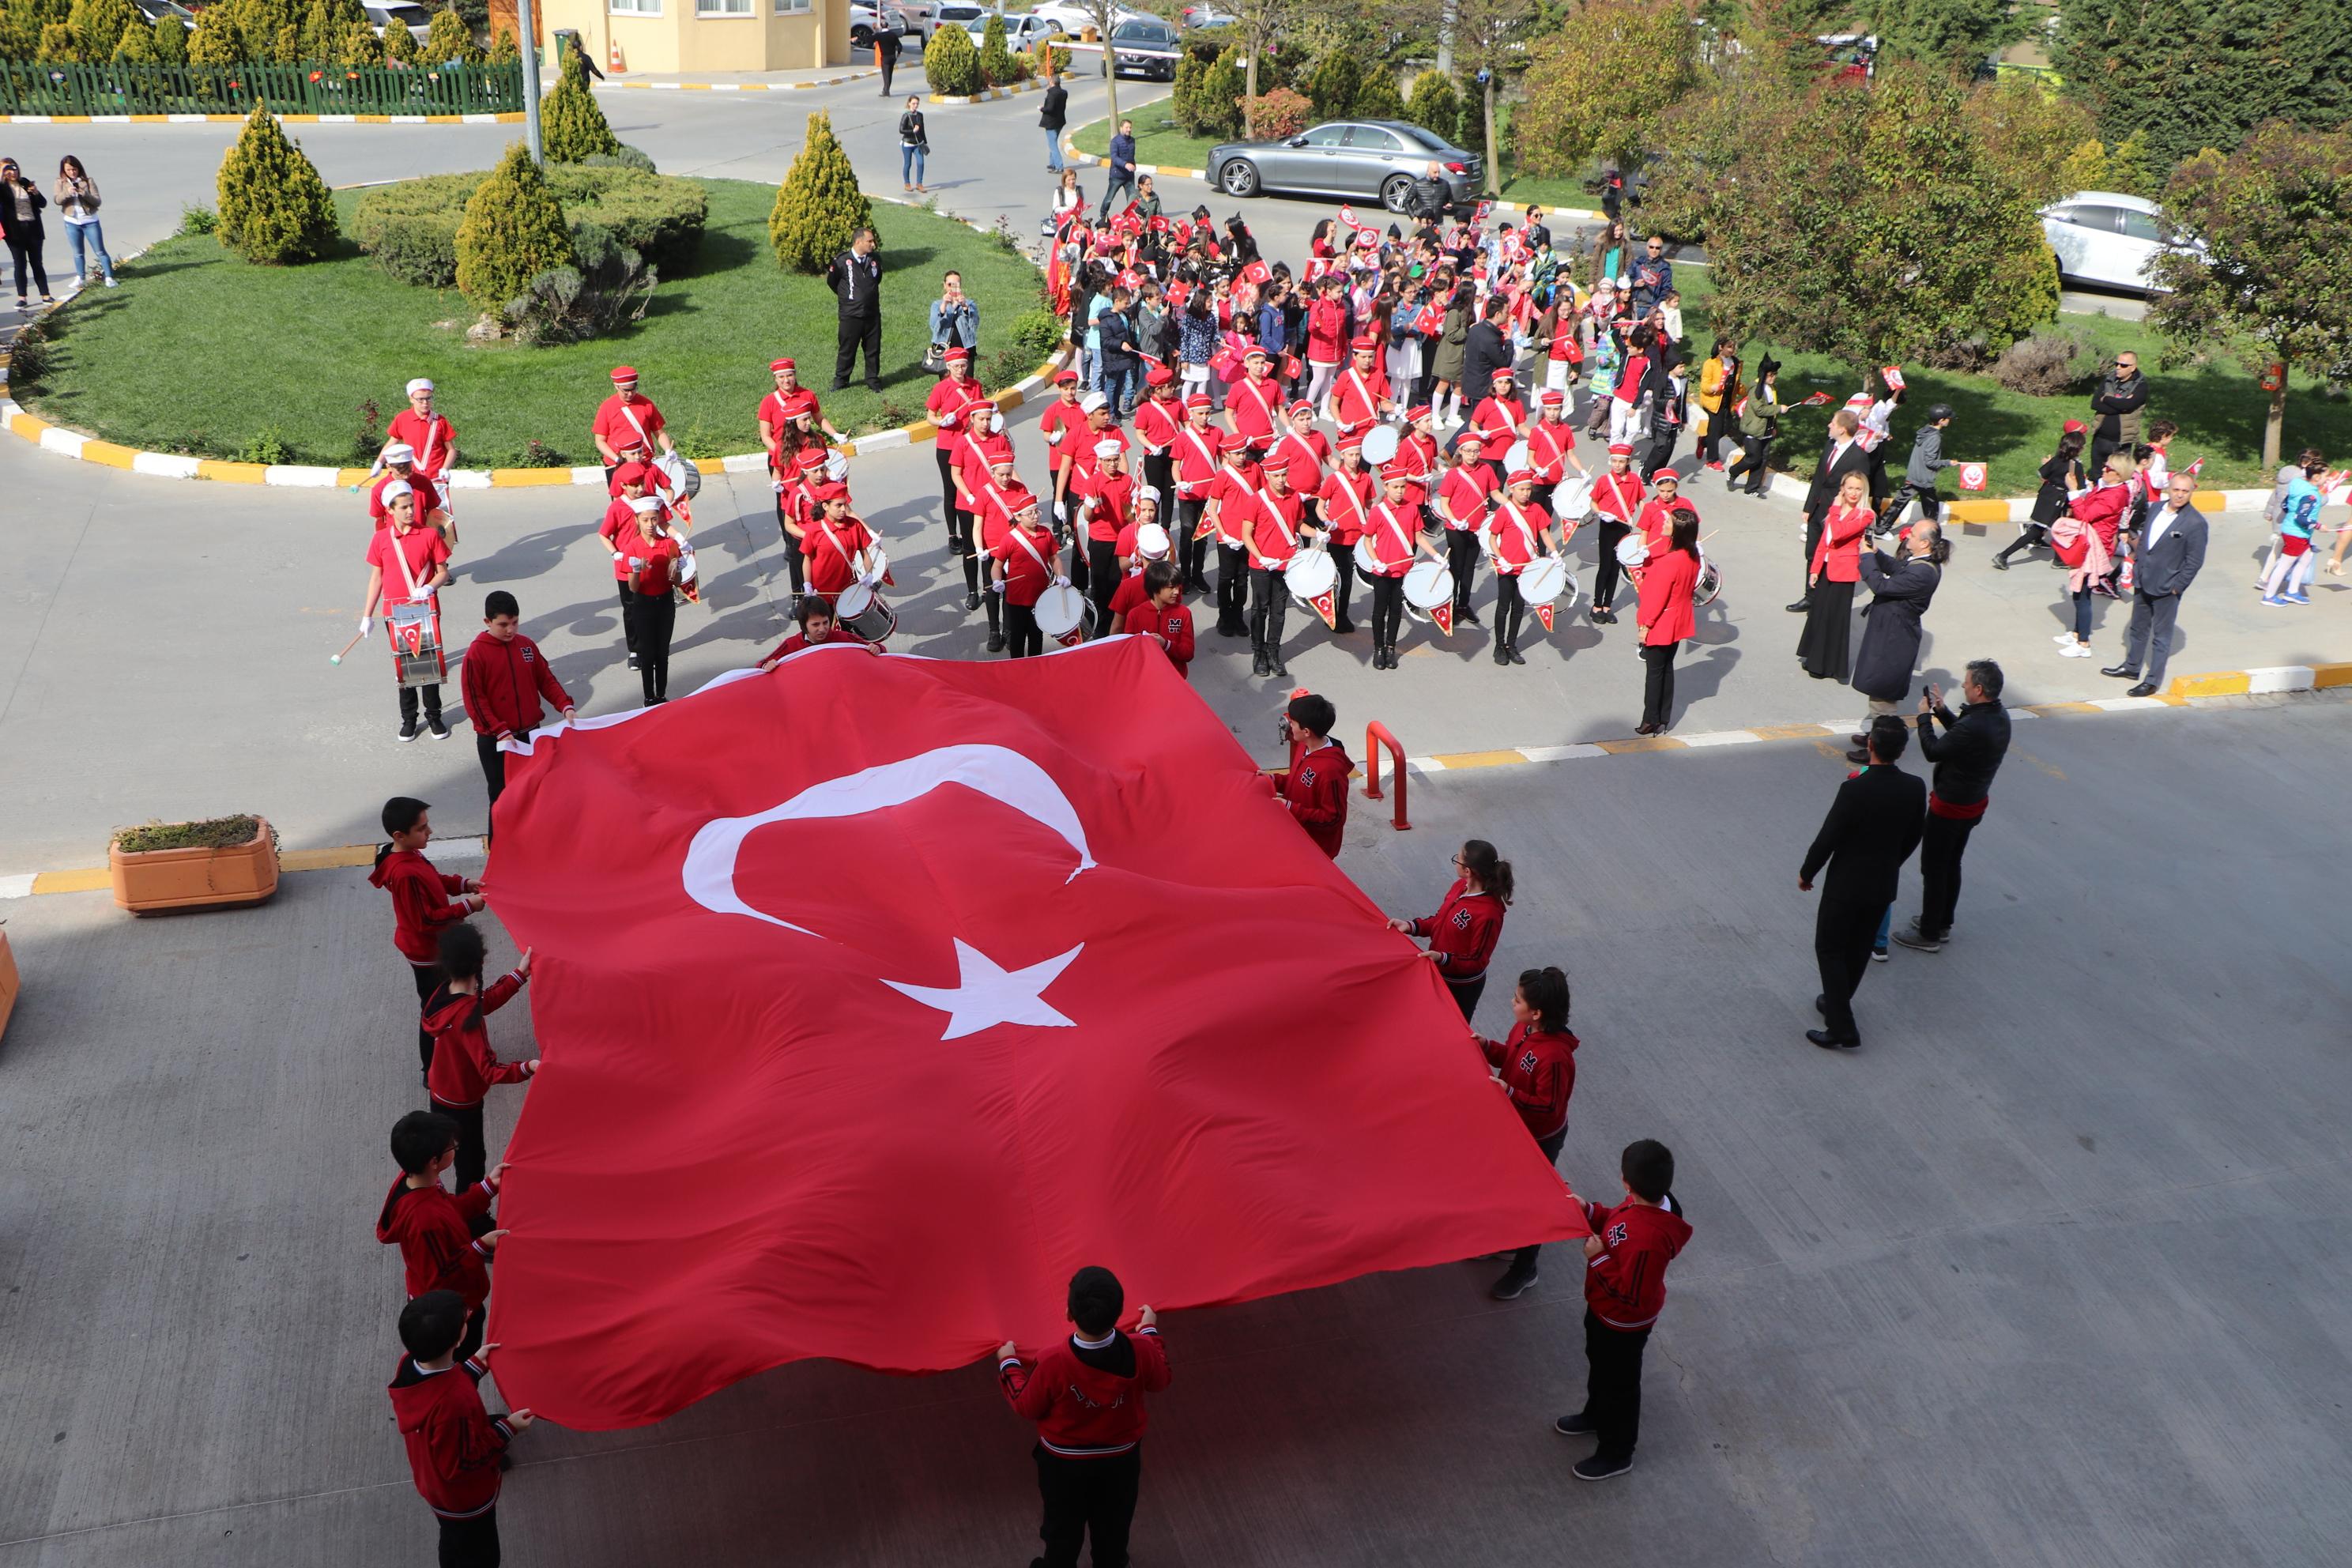 Ulu Önder Atatürk'ün, Ulusumuza ve Dünya Çocuklarına Armağan Ettiği 23 Nisan Ulusal Egemenlik ve Çocuk Bayramı Kutlu Olsun